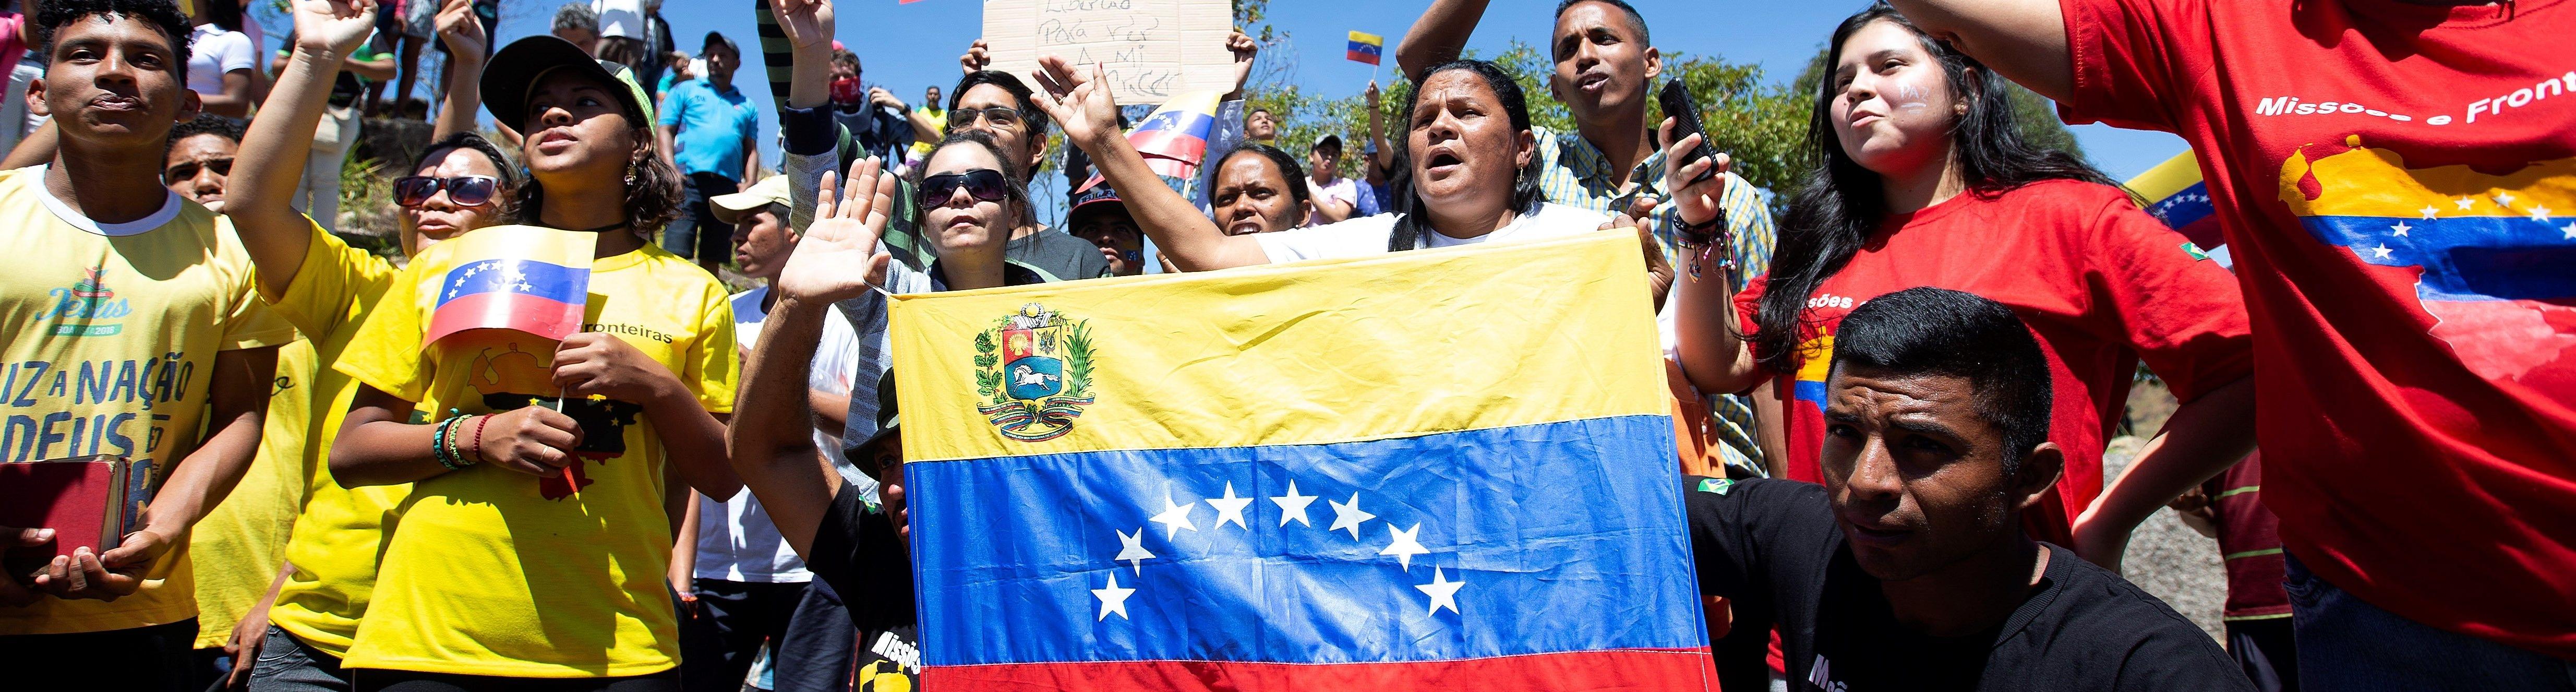 AME7796. PACARAIMA (BRASIL), 23/02/2019.- Personas celebran este sábado la llegada de la primera de las dos grandes camionetas cargadas con parte de la ayuda humanitaria de Brasil para Venezuela a la localidad Pacaraima, en el límite fronterizo entre ambos países, cerrado desde el jueves por orden del Gobierno de Nicolás Maduro. EFE/Joédson Alves